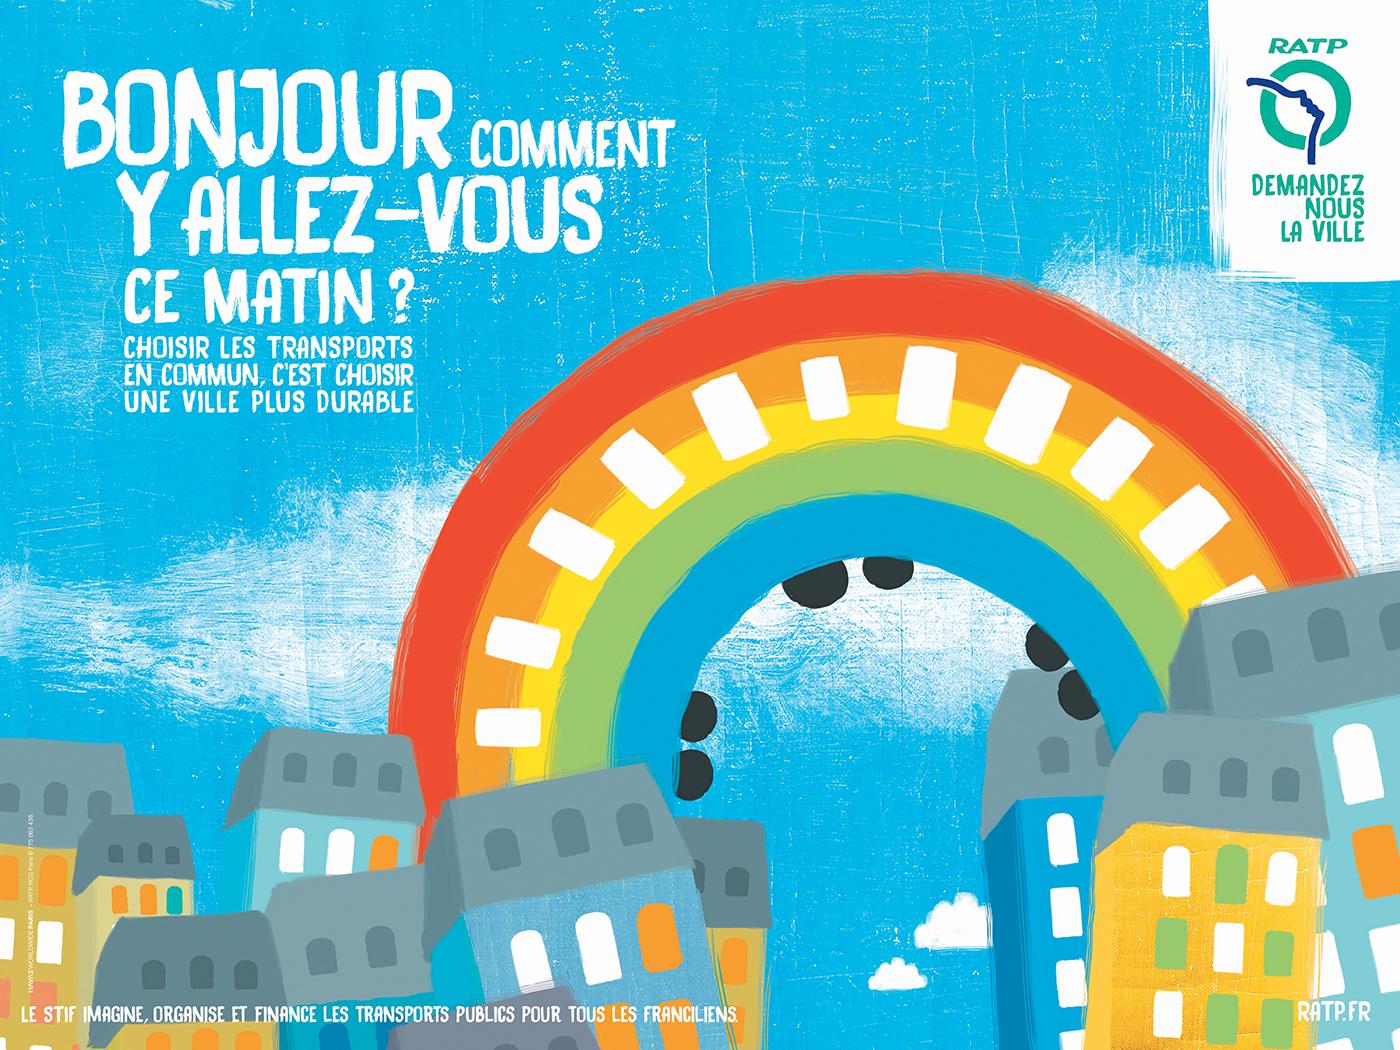 ratp-publicite-affichage-environnement-COP21-STIF-franciliens-demandez-nous-la-ville-agence-havas-paris-2